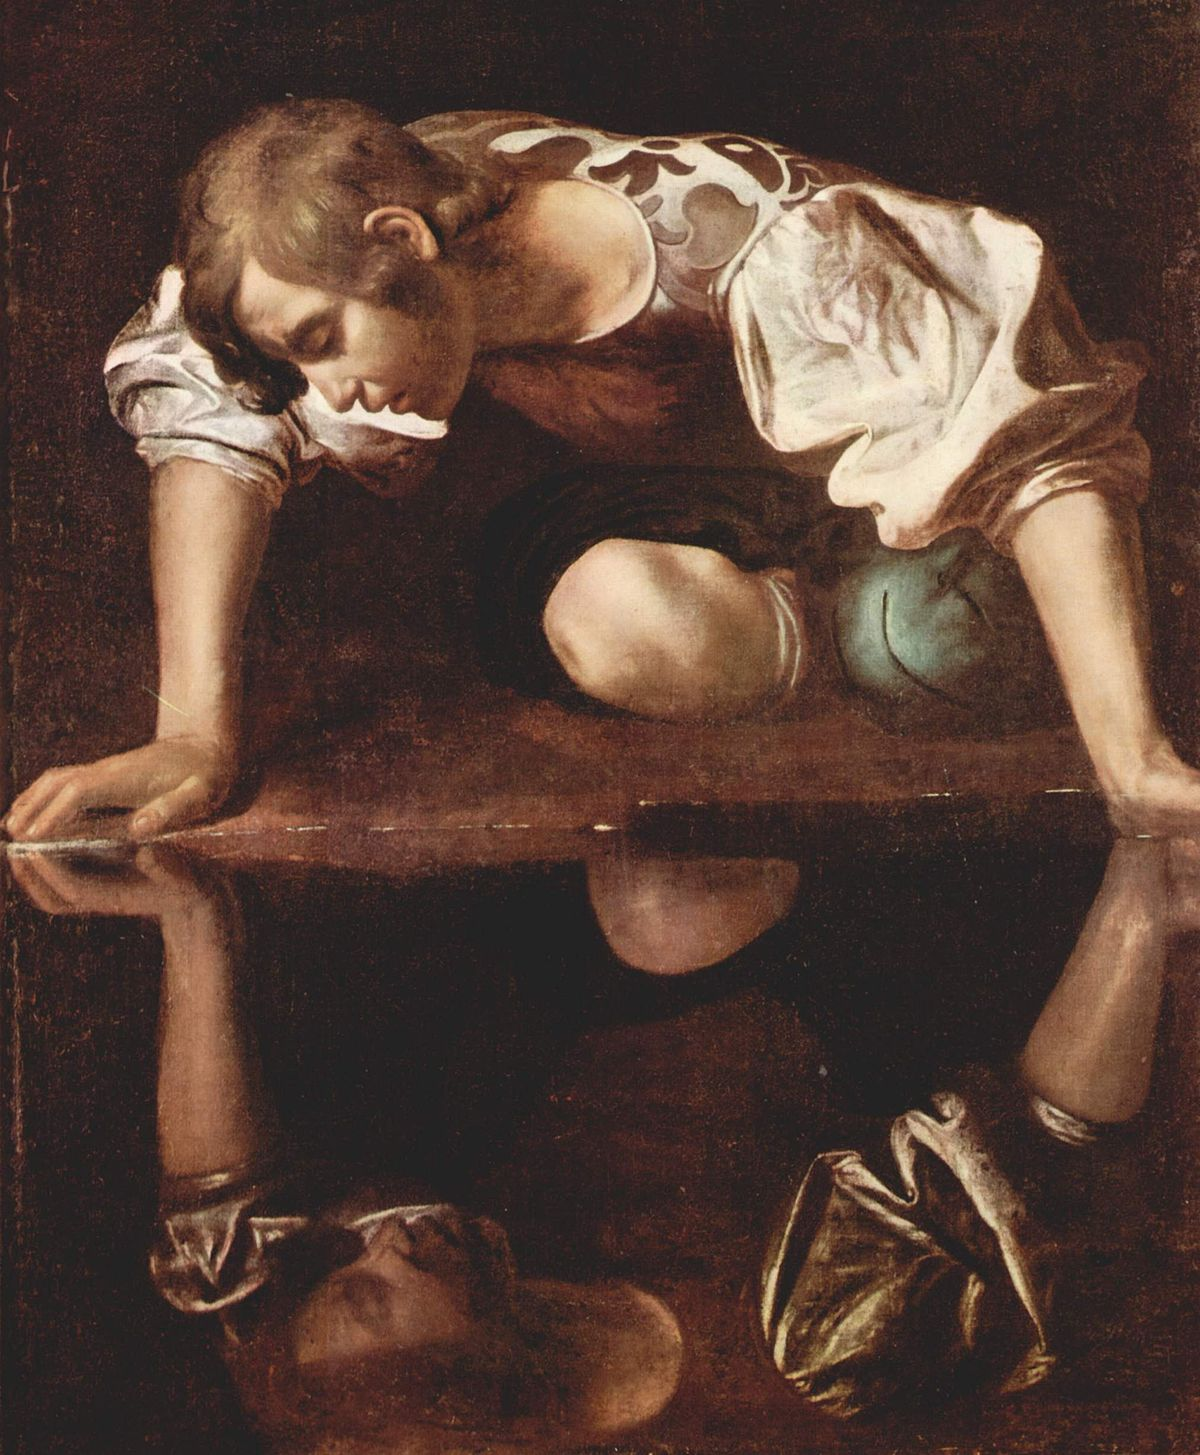 kaip padaryti varpą ilgiau stovintį berniuko varpos dydis yra 11 metu